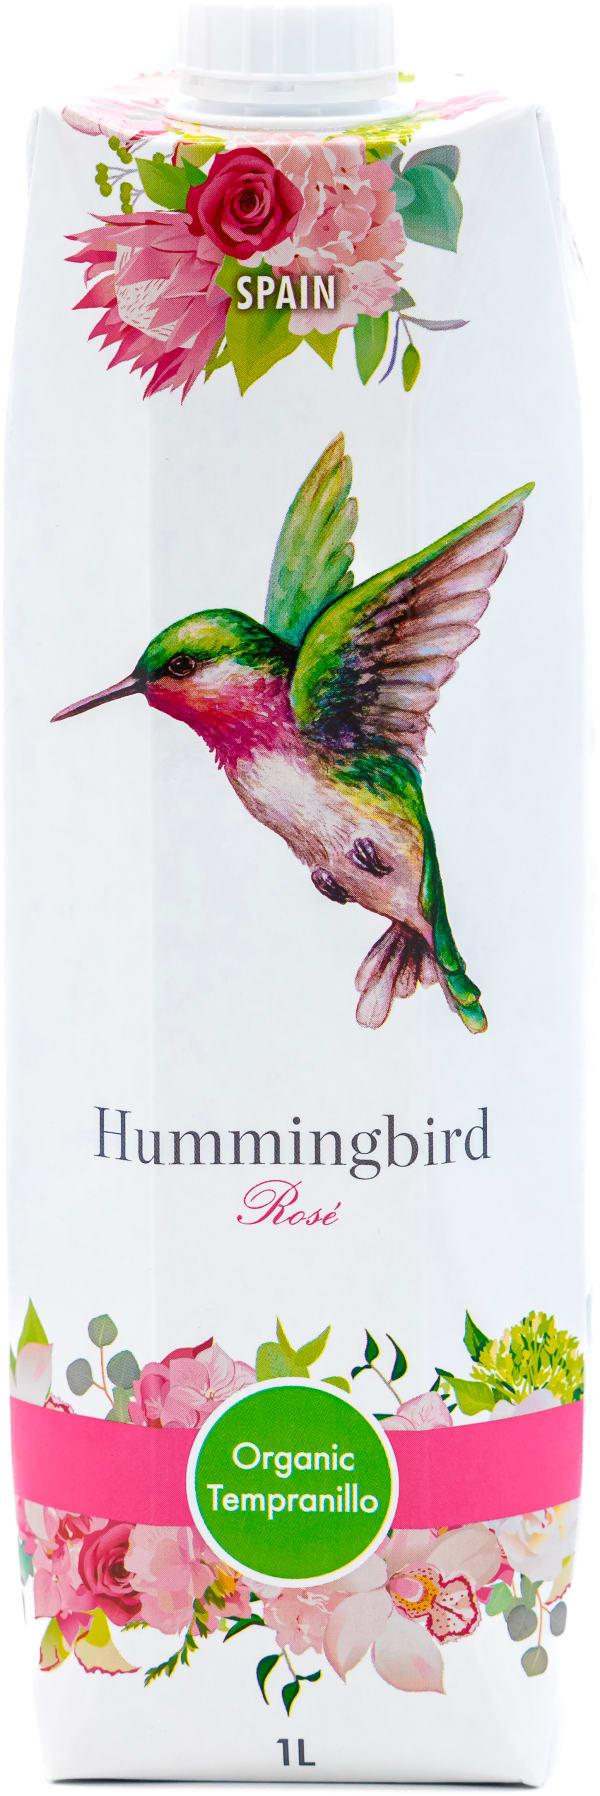 Hummingbird Organic Tempranillo Rosé 2018 kartongförpackning